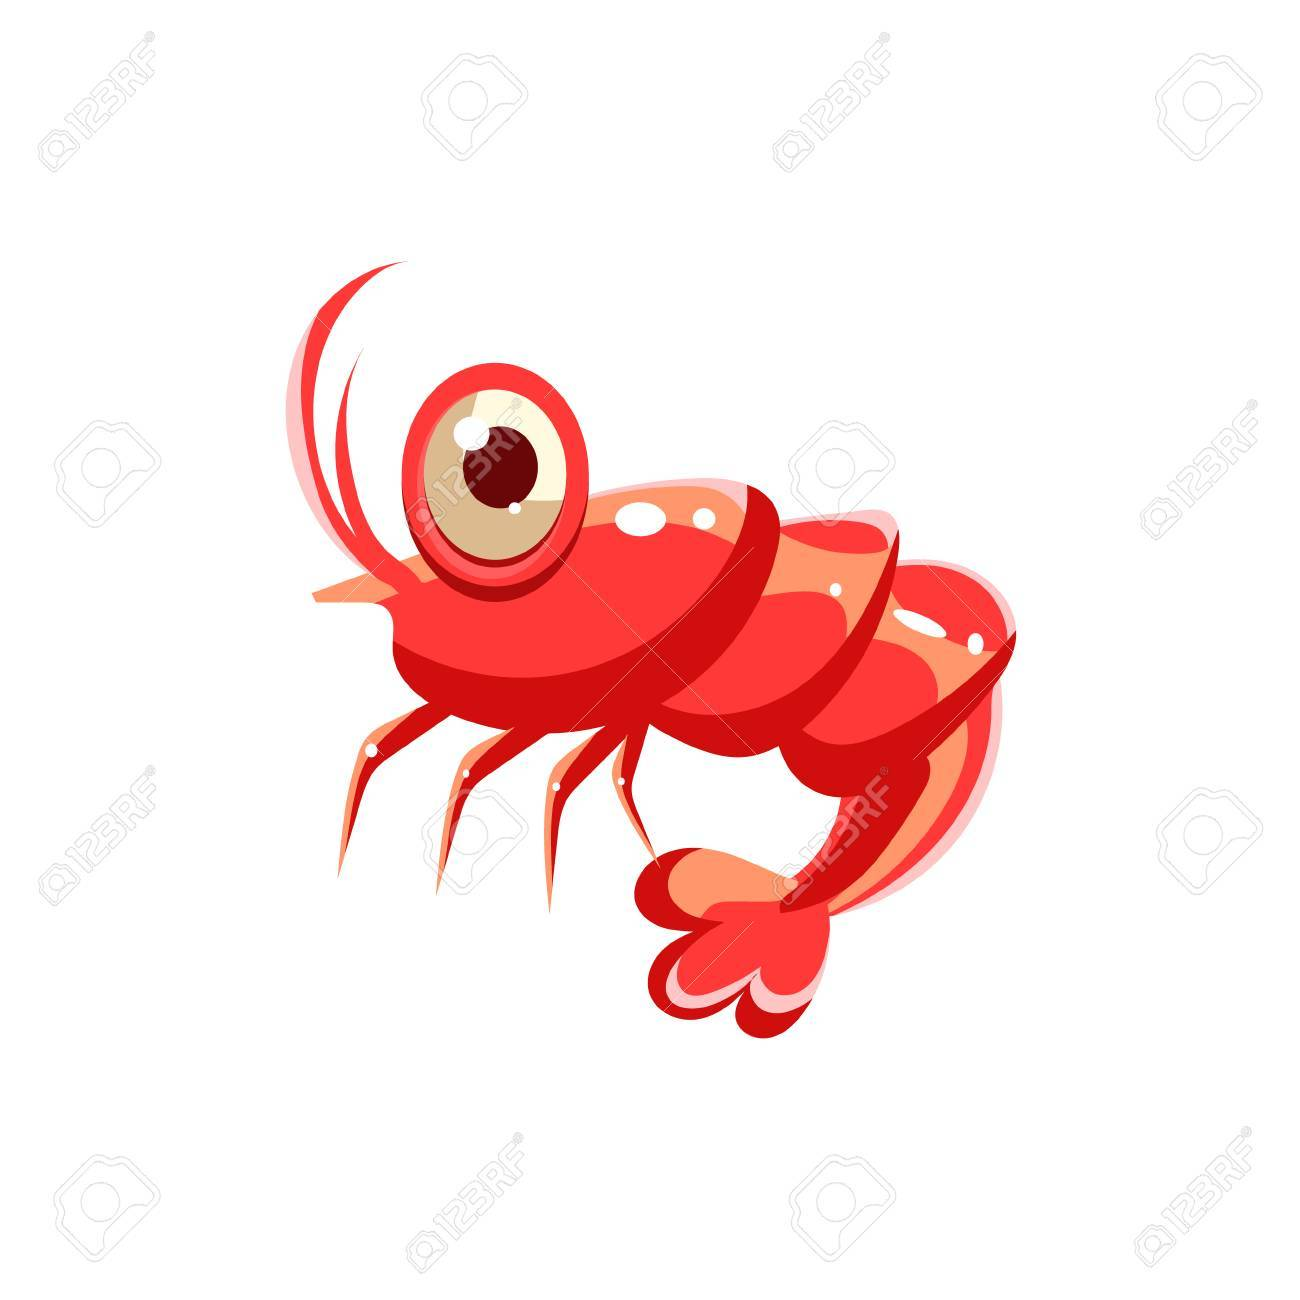 エビ かわいいイラスト集海の生活のイラスト素材 ベクタ Image